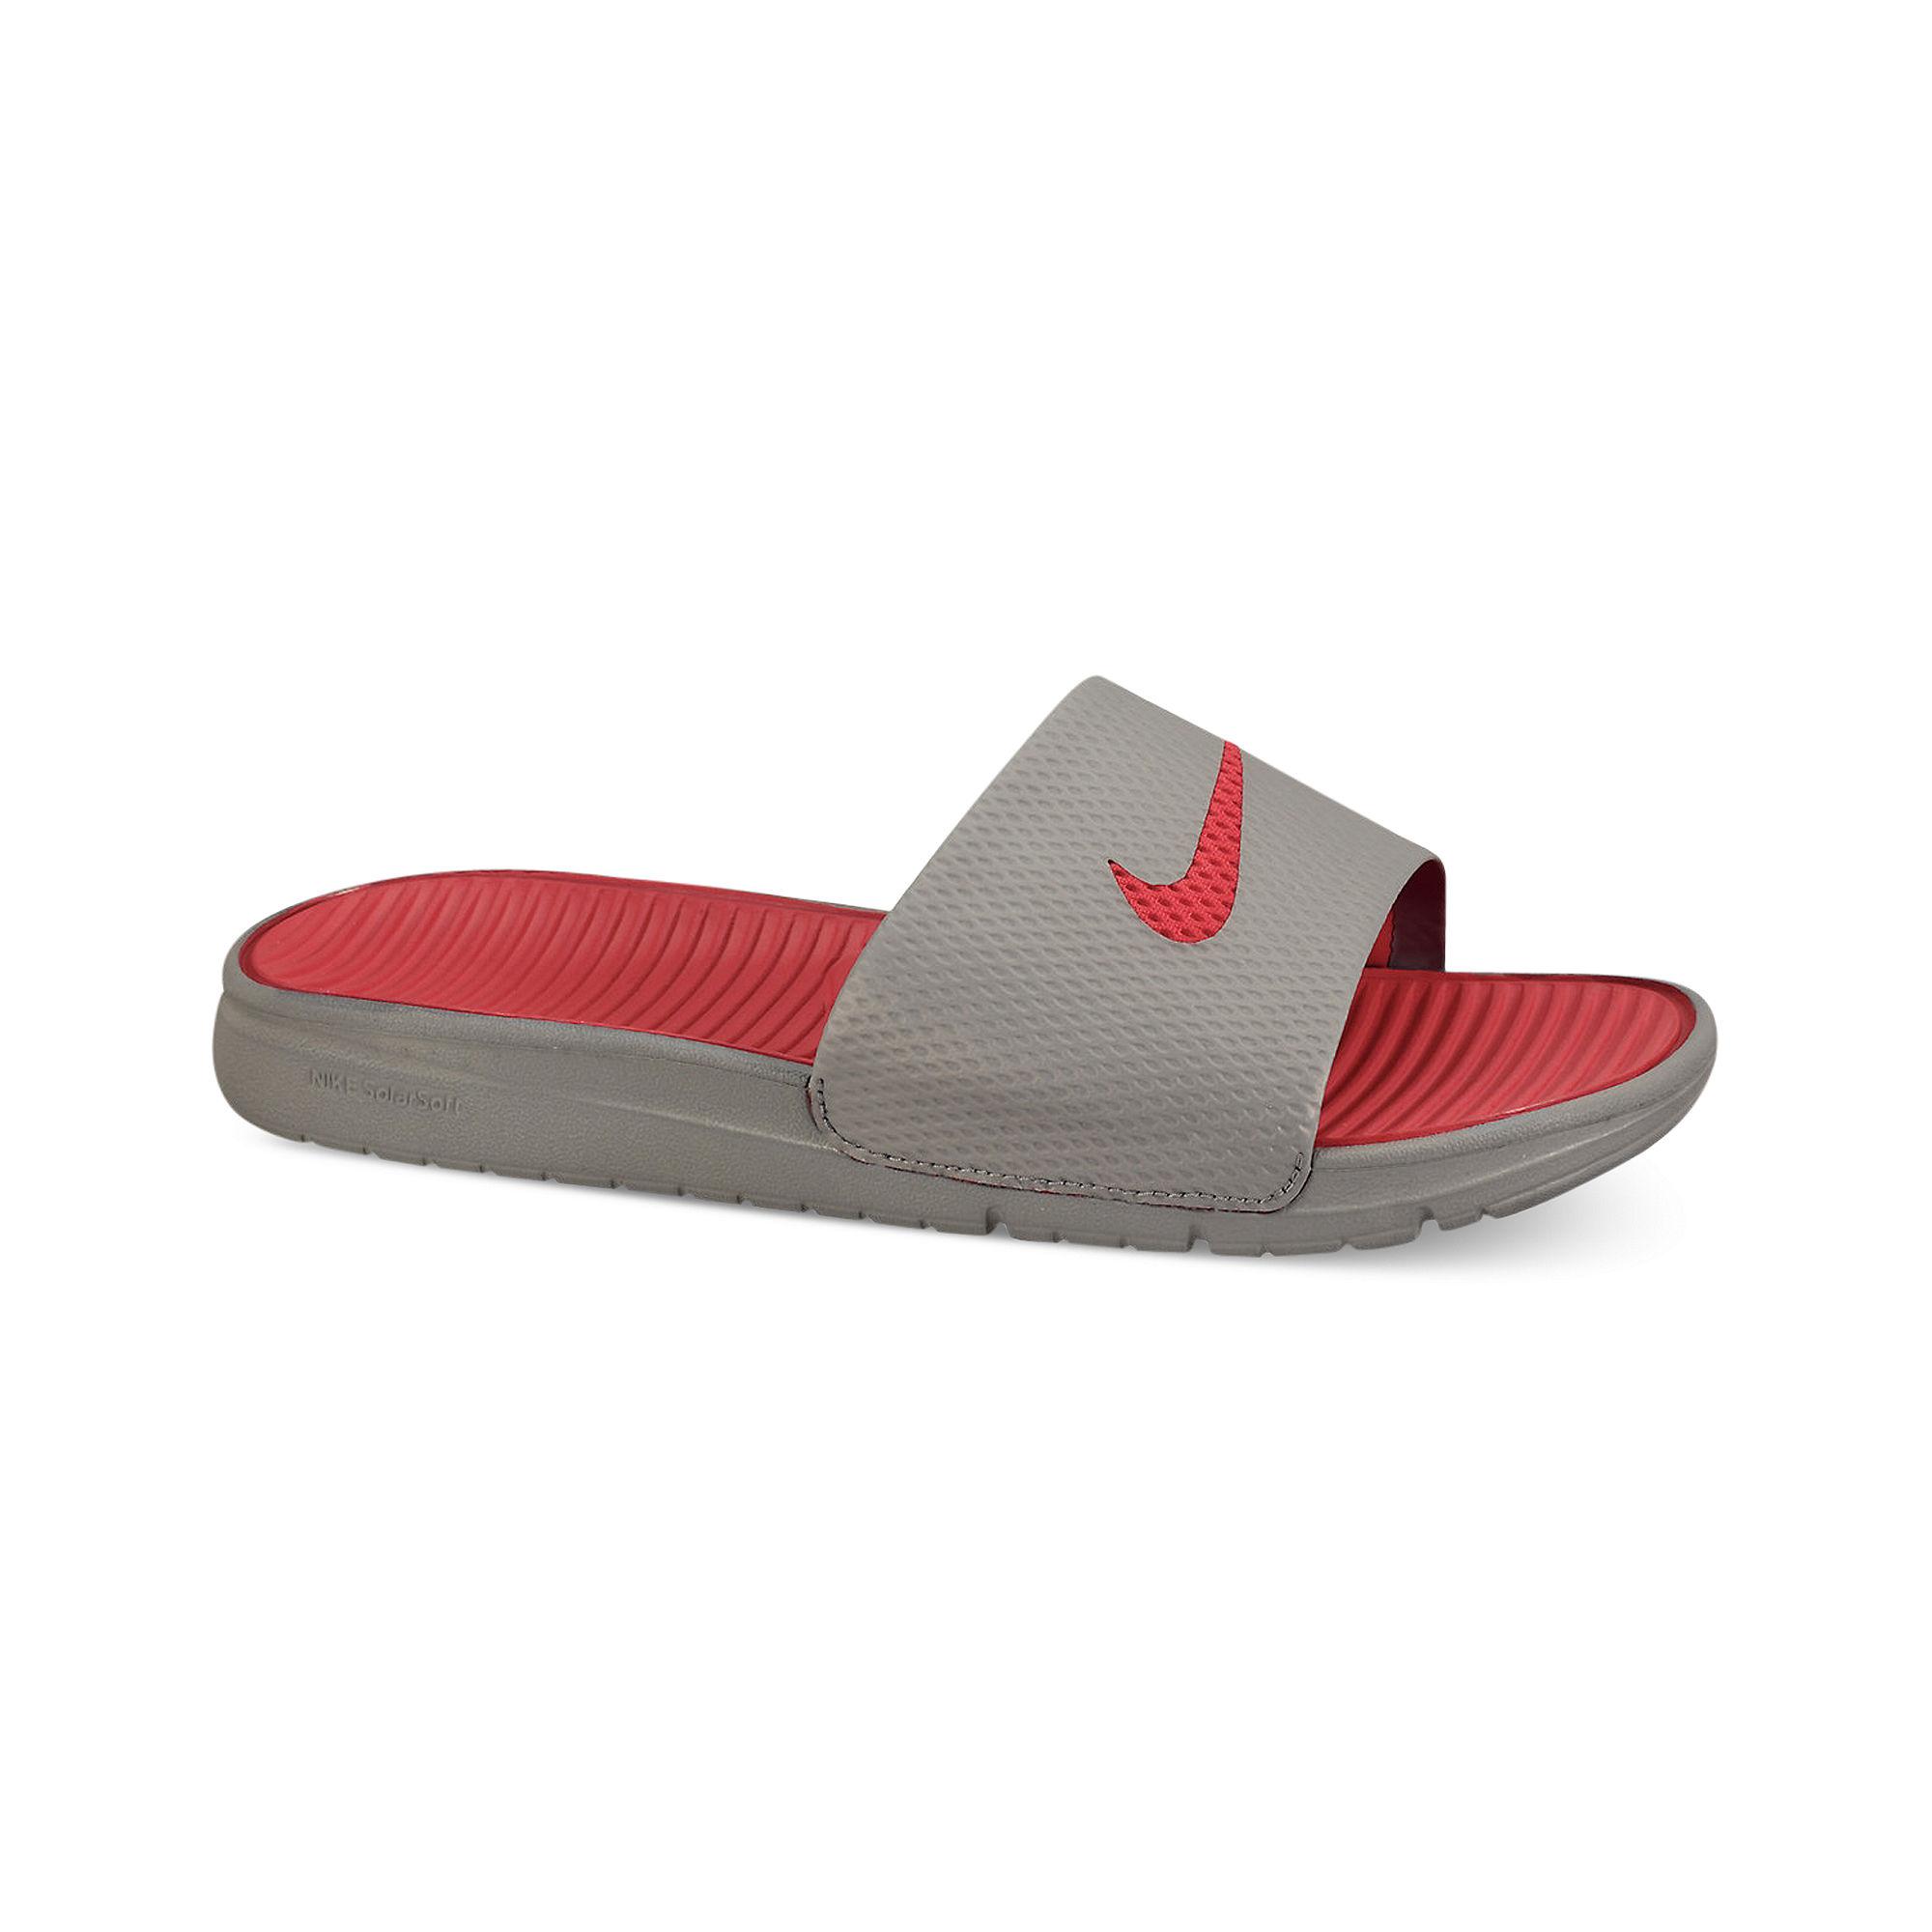 d9c18d9e008a Nike Benassi Solarsoft Slides in Gray for Men - Lyst